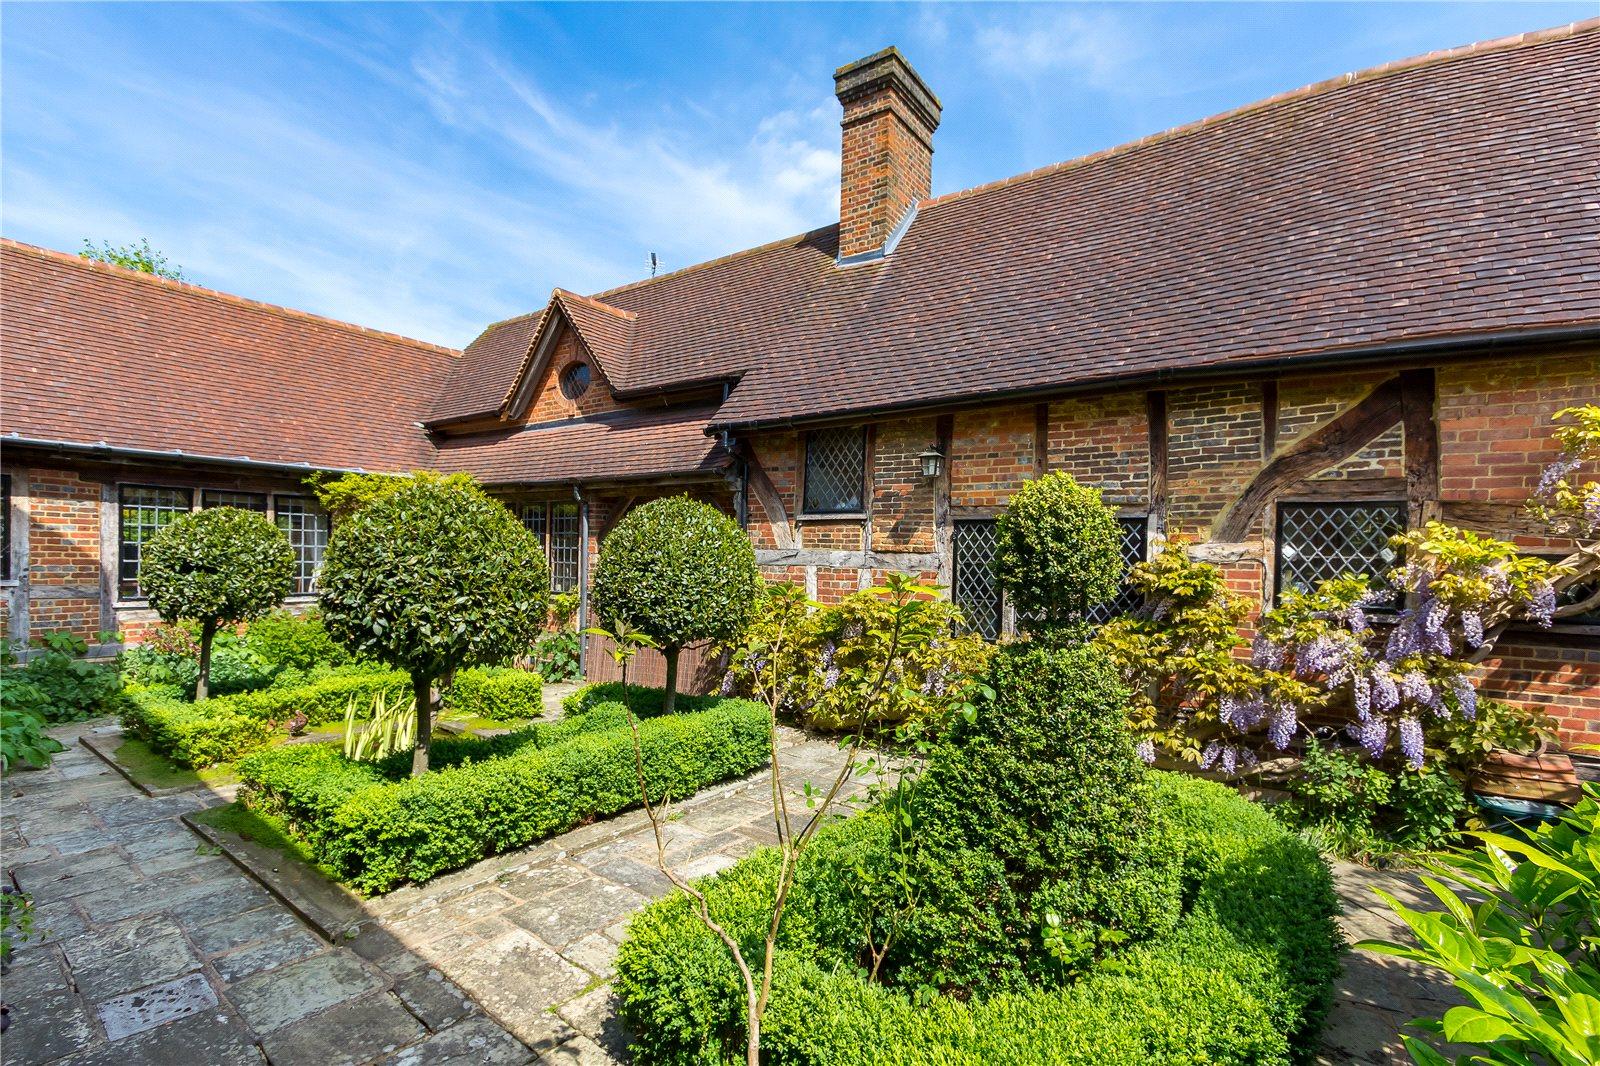 Villa per Vendita alle ore Church Lane, Cranleigh, Surrey, GU6 Cranleigh, Inghilterra